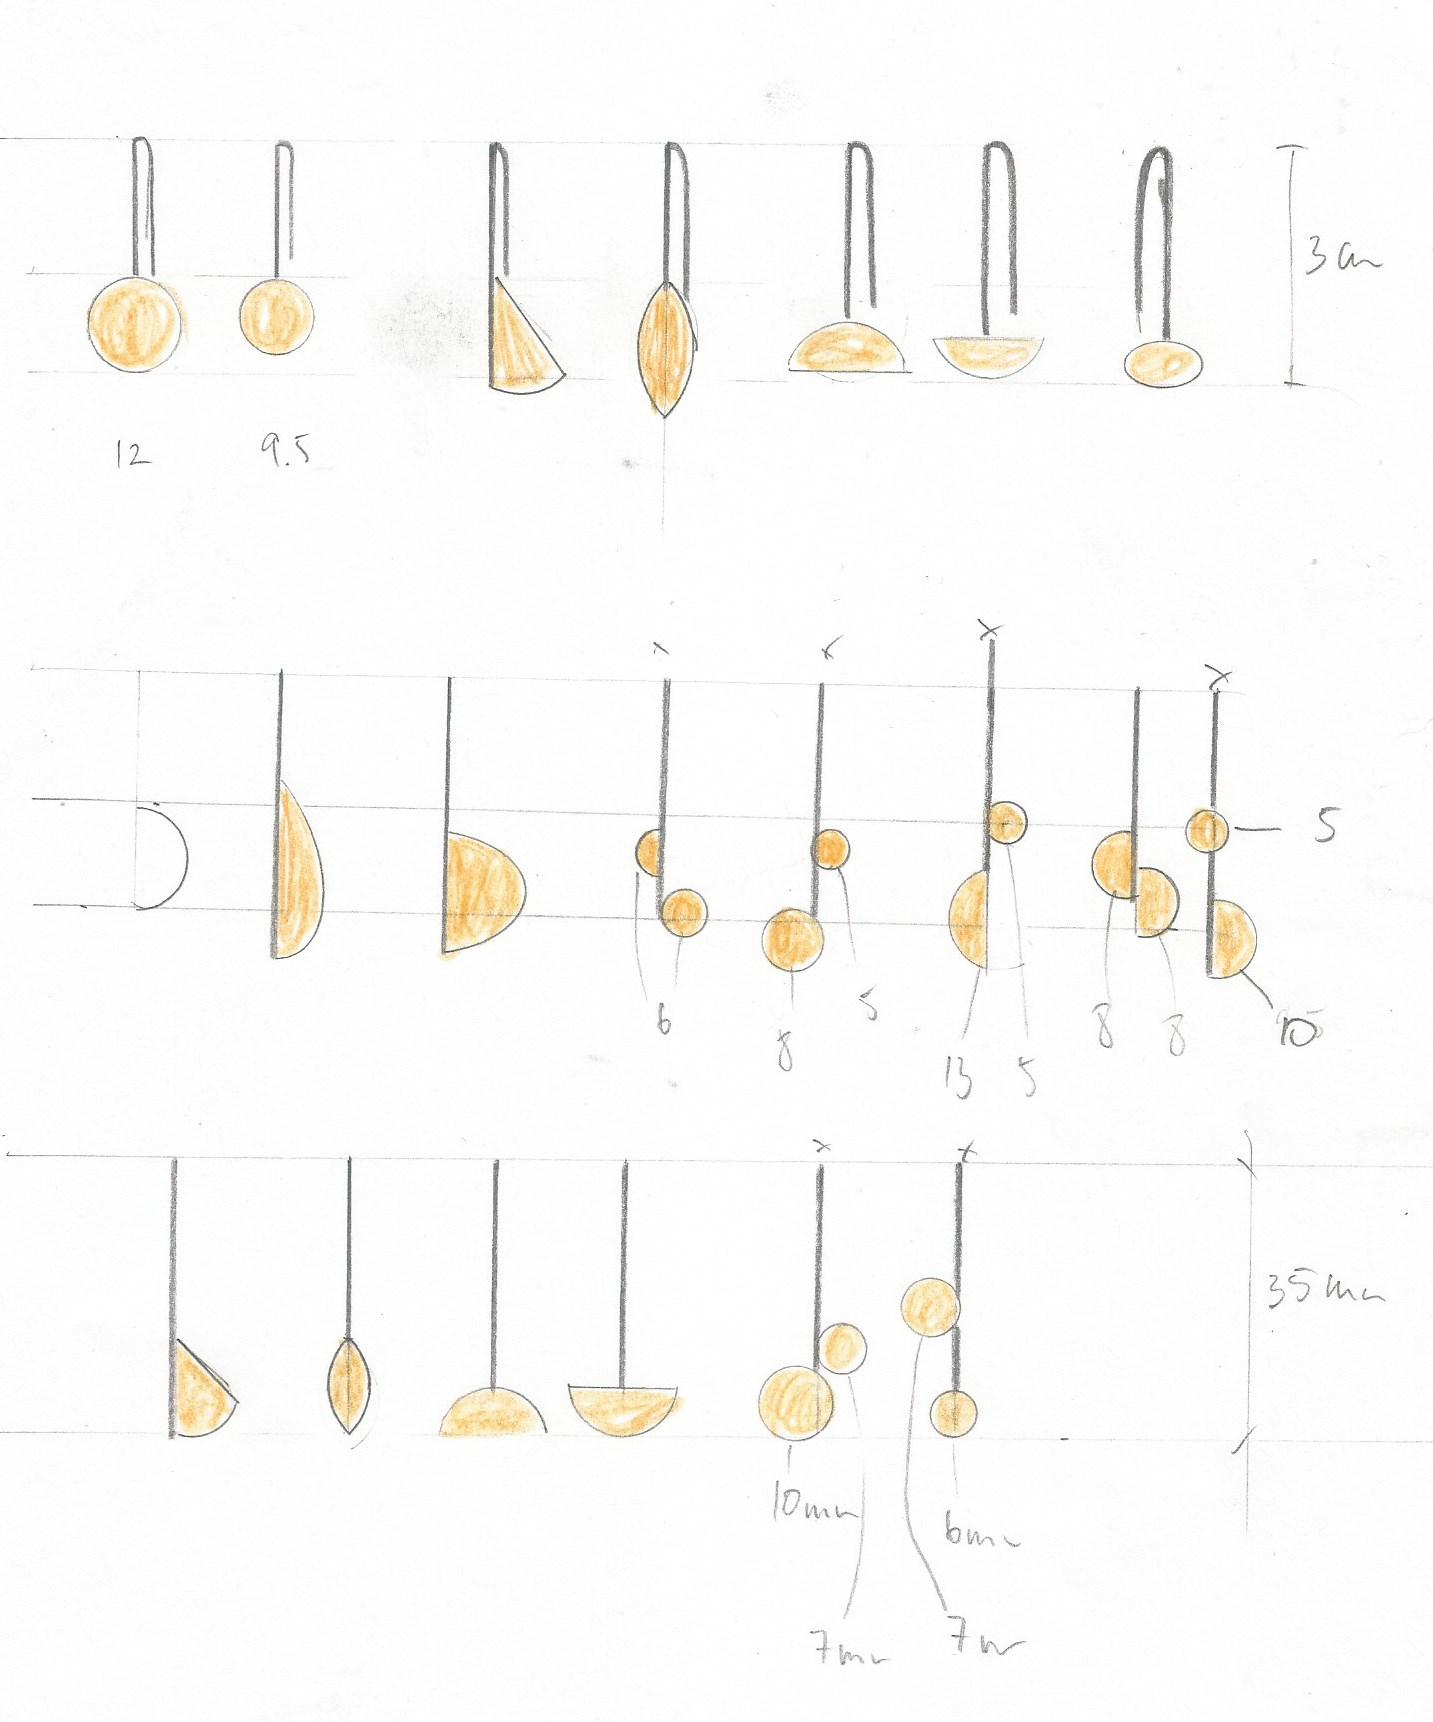 earrings0002.jpg